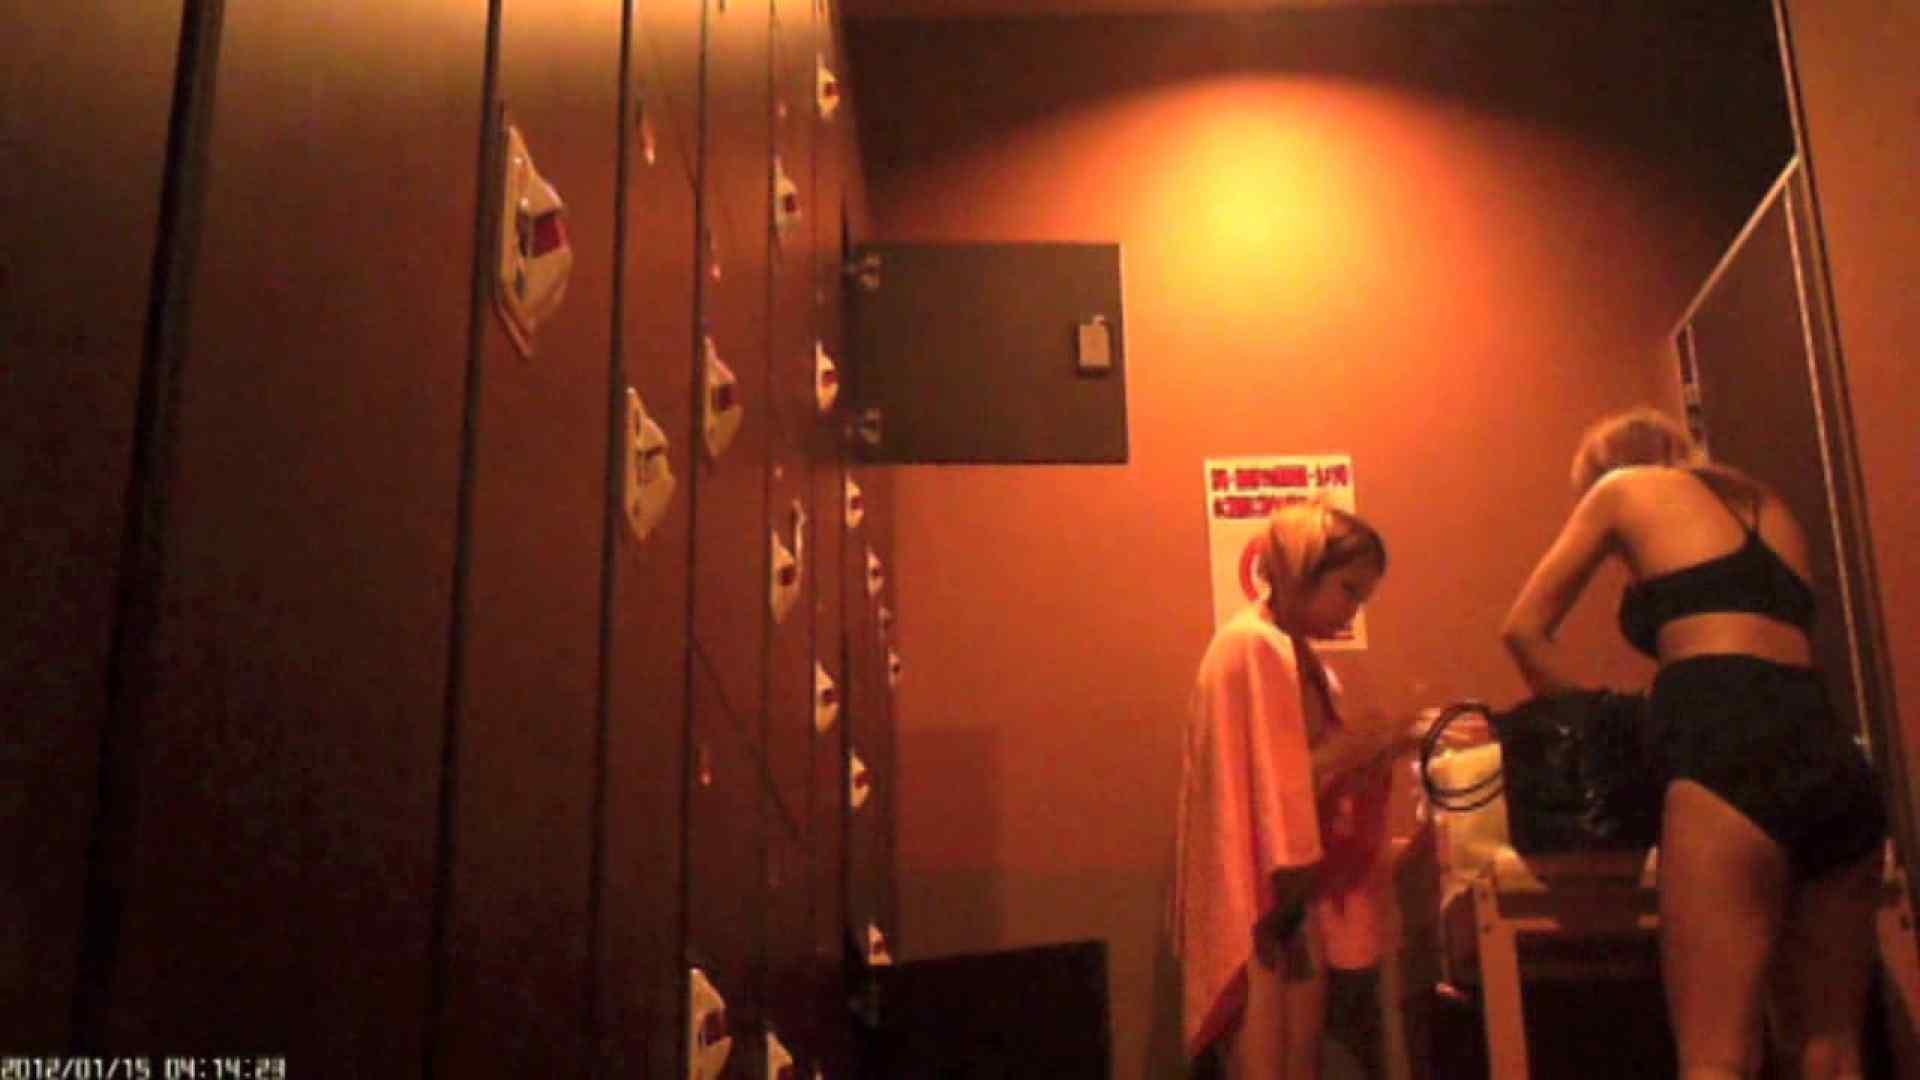 現役ギャル盗撮師 hana様の女風呂潜入撮!Vol.4 潜入突撃 スケベ動画紹介 74pic 40